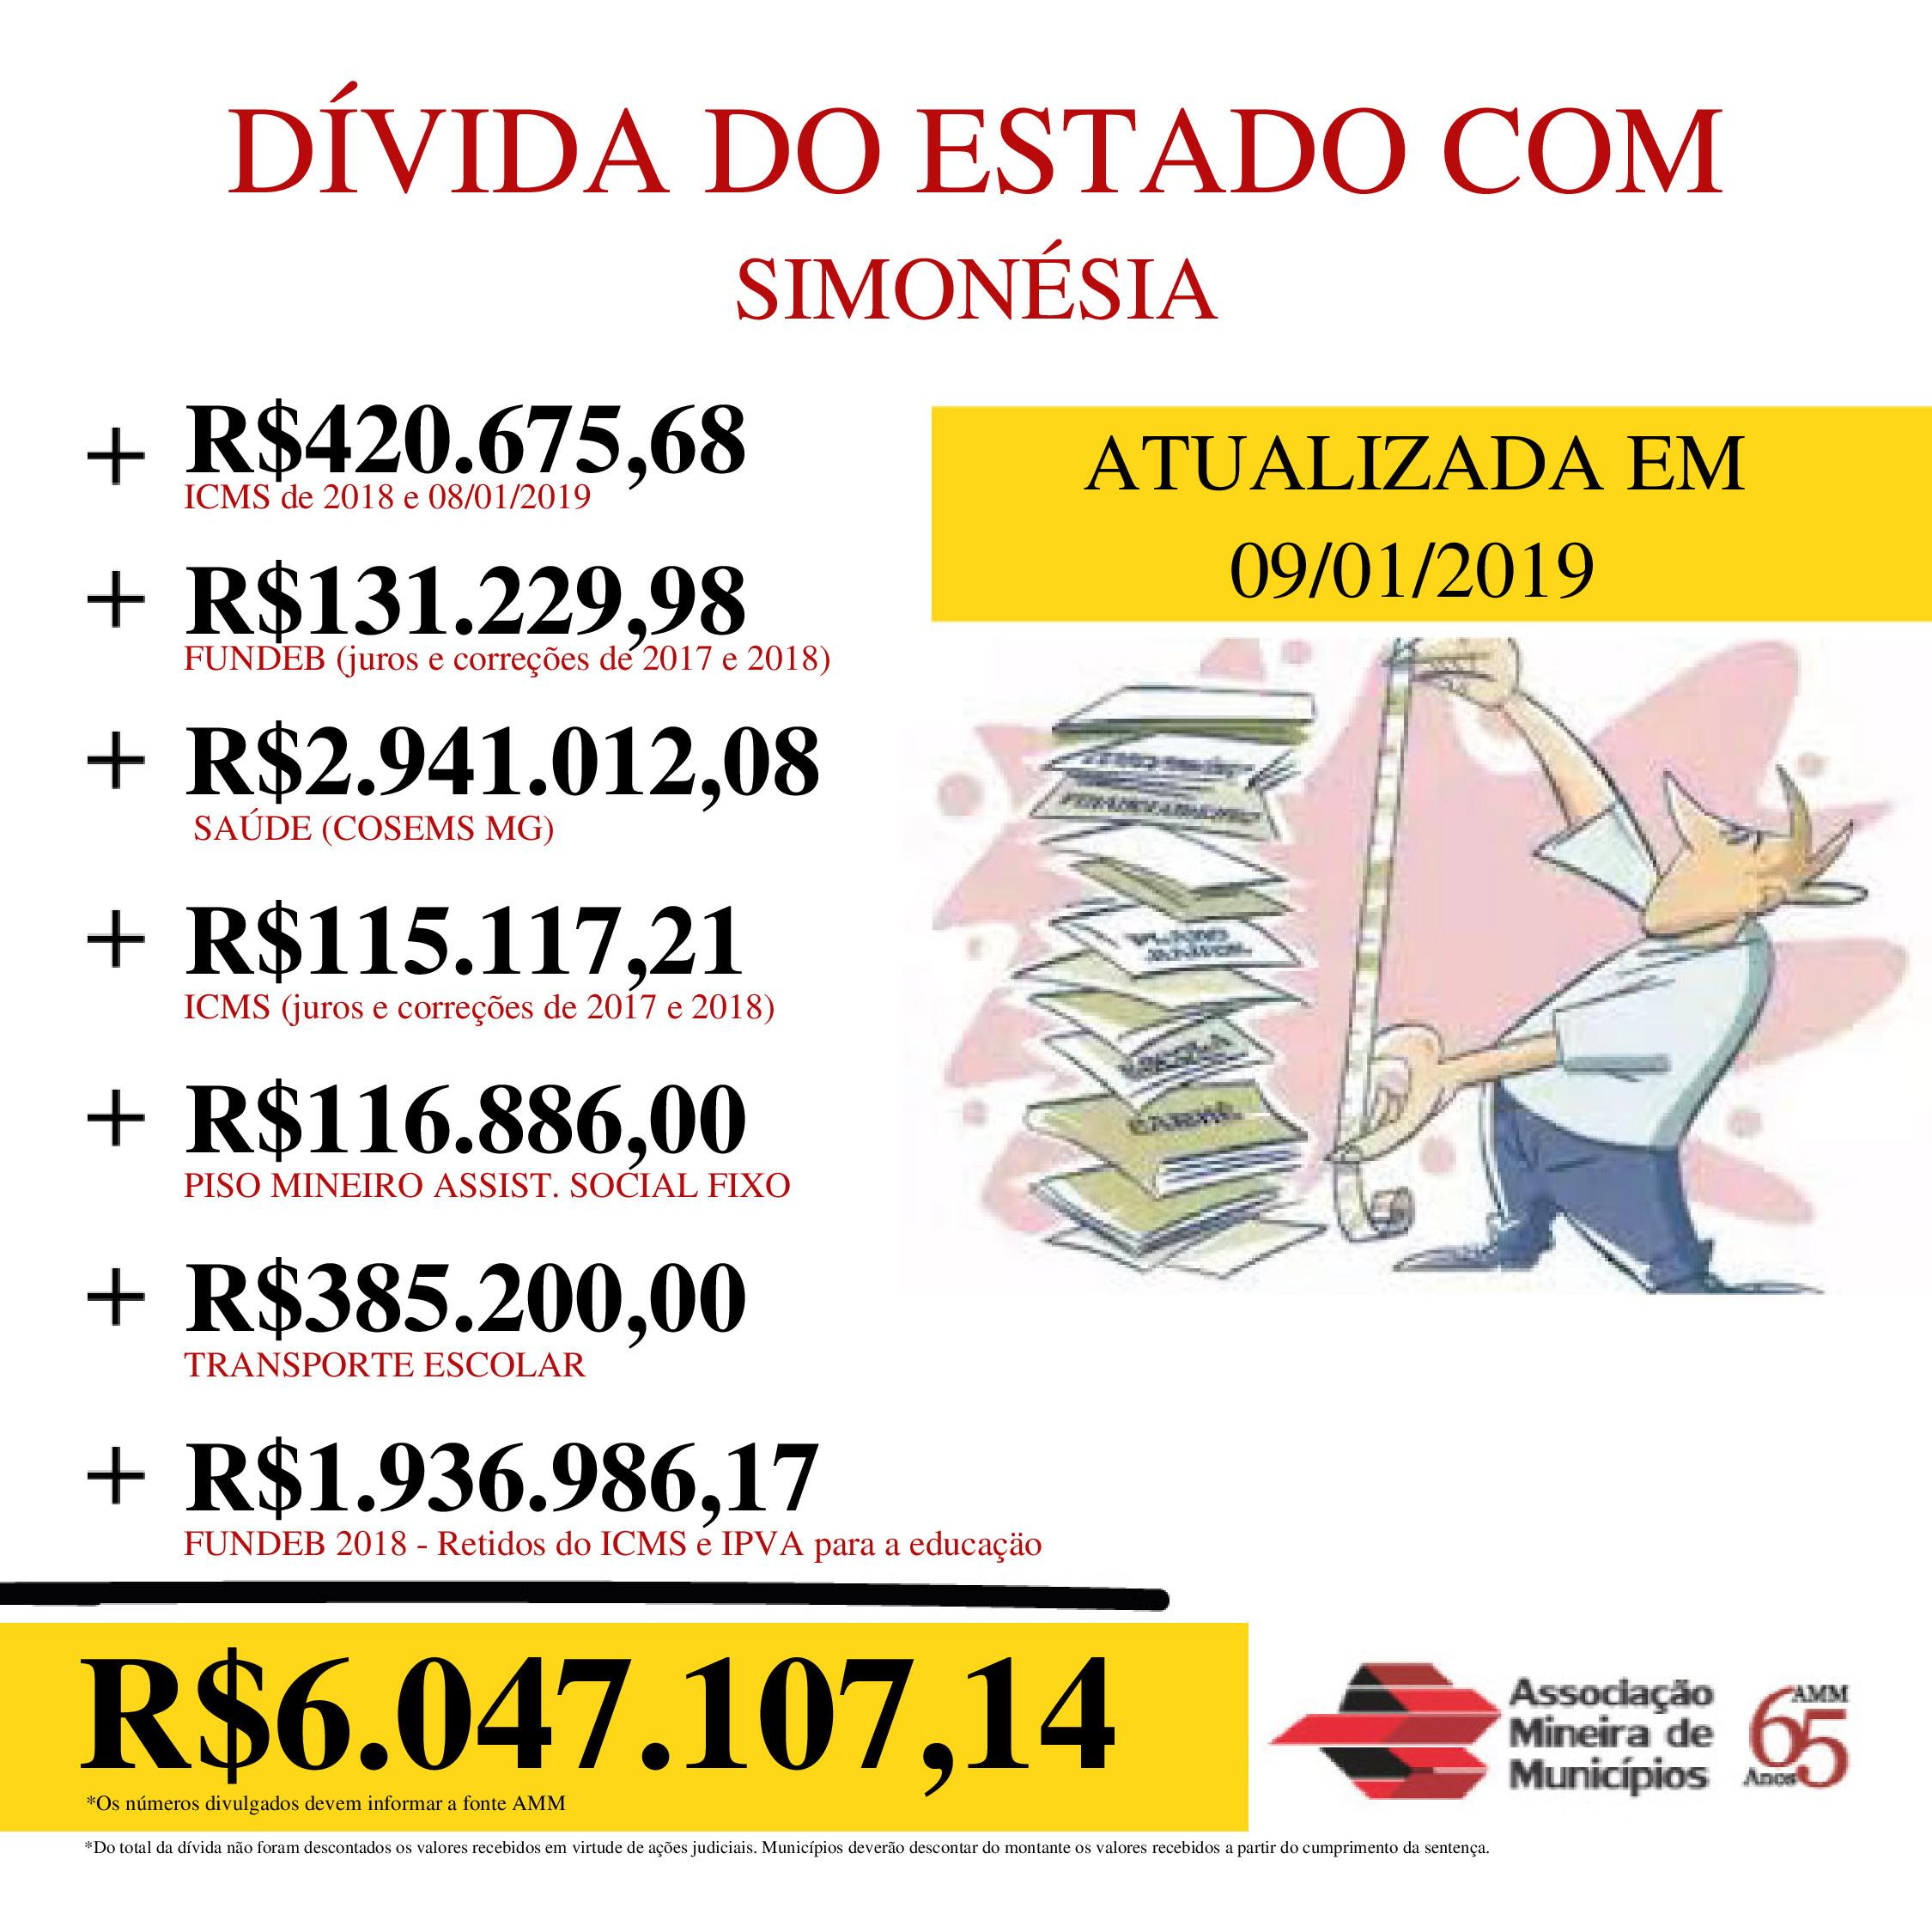 DÍVIDA DO ESTADO COM SIMONÉSIA AUMENTA E ULTRAPASSA 6 MILHÕES DE REAIS